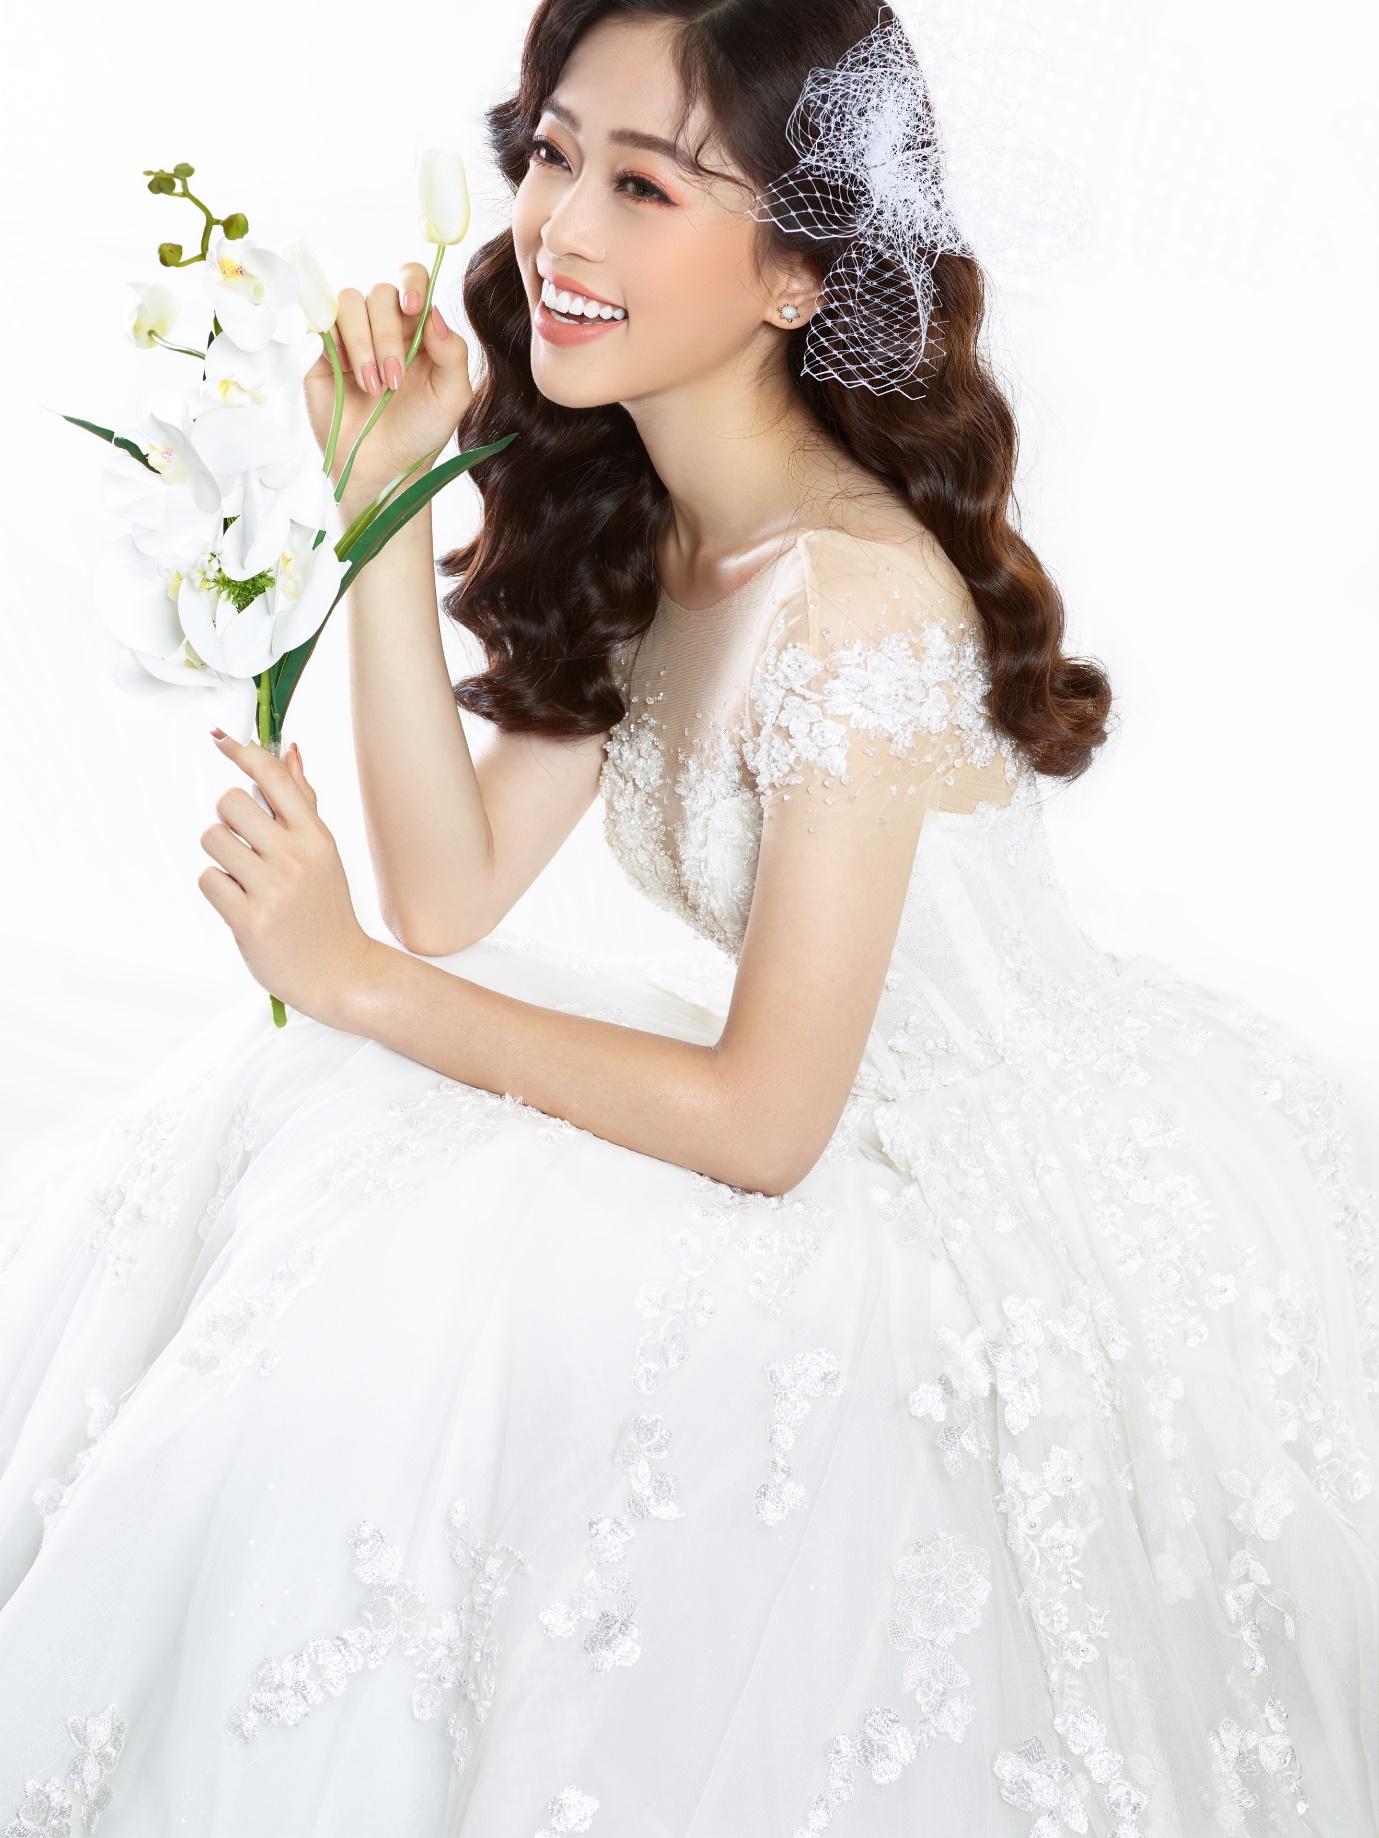 Ngắm Á hậu Bùi Phương Nga đẹp ngẩn ngơ trong BST váy cưới - Ảnh 6.